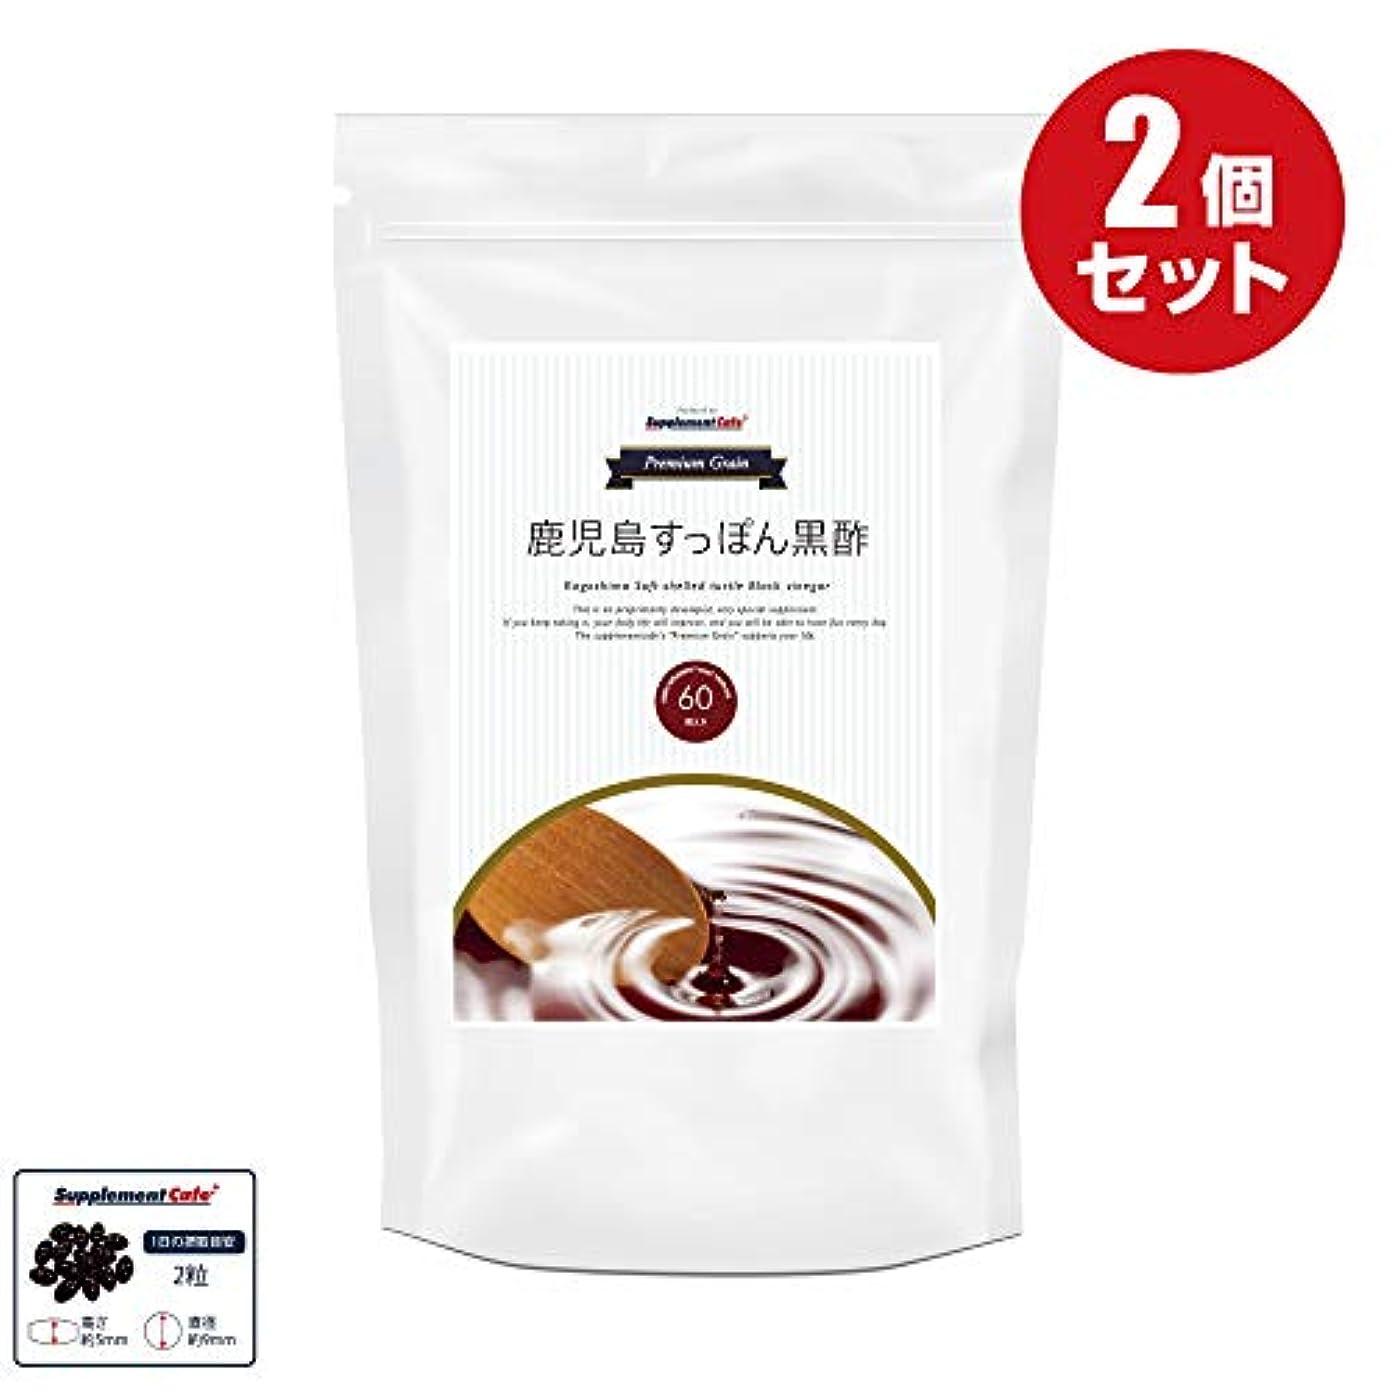 大学生一節機械【2袋セット】Premium Grain 鹿児島すっぽん黒酢/すっぽん黒酢/福山産  約60日分